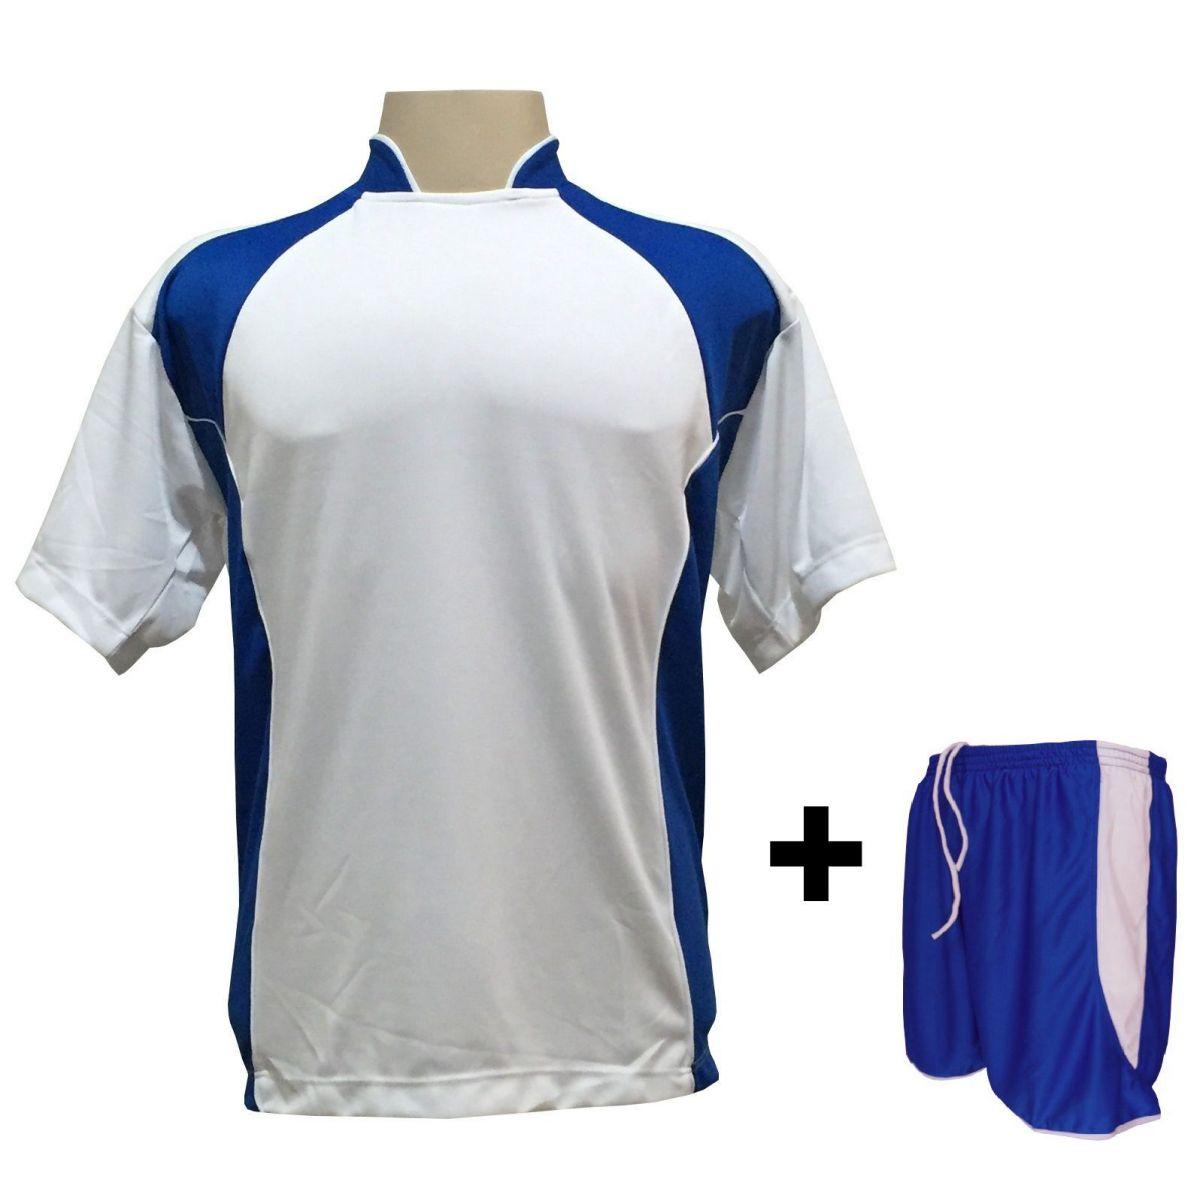 Fardamento - Jogo de Camisa modelo Suécia Branco Royal + Calção modelo Copa  Royal Branco com 14 peças - Frete Grátis Brasil + Brindes 69933ff00be56